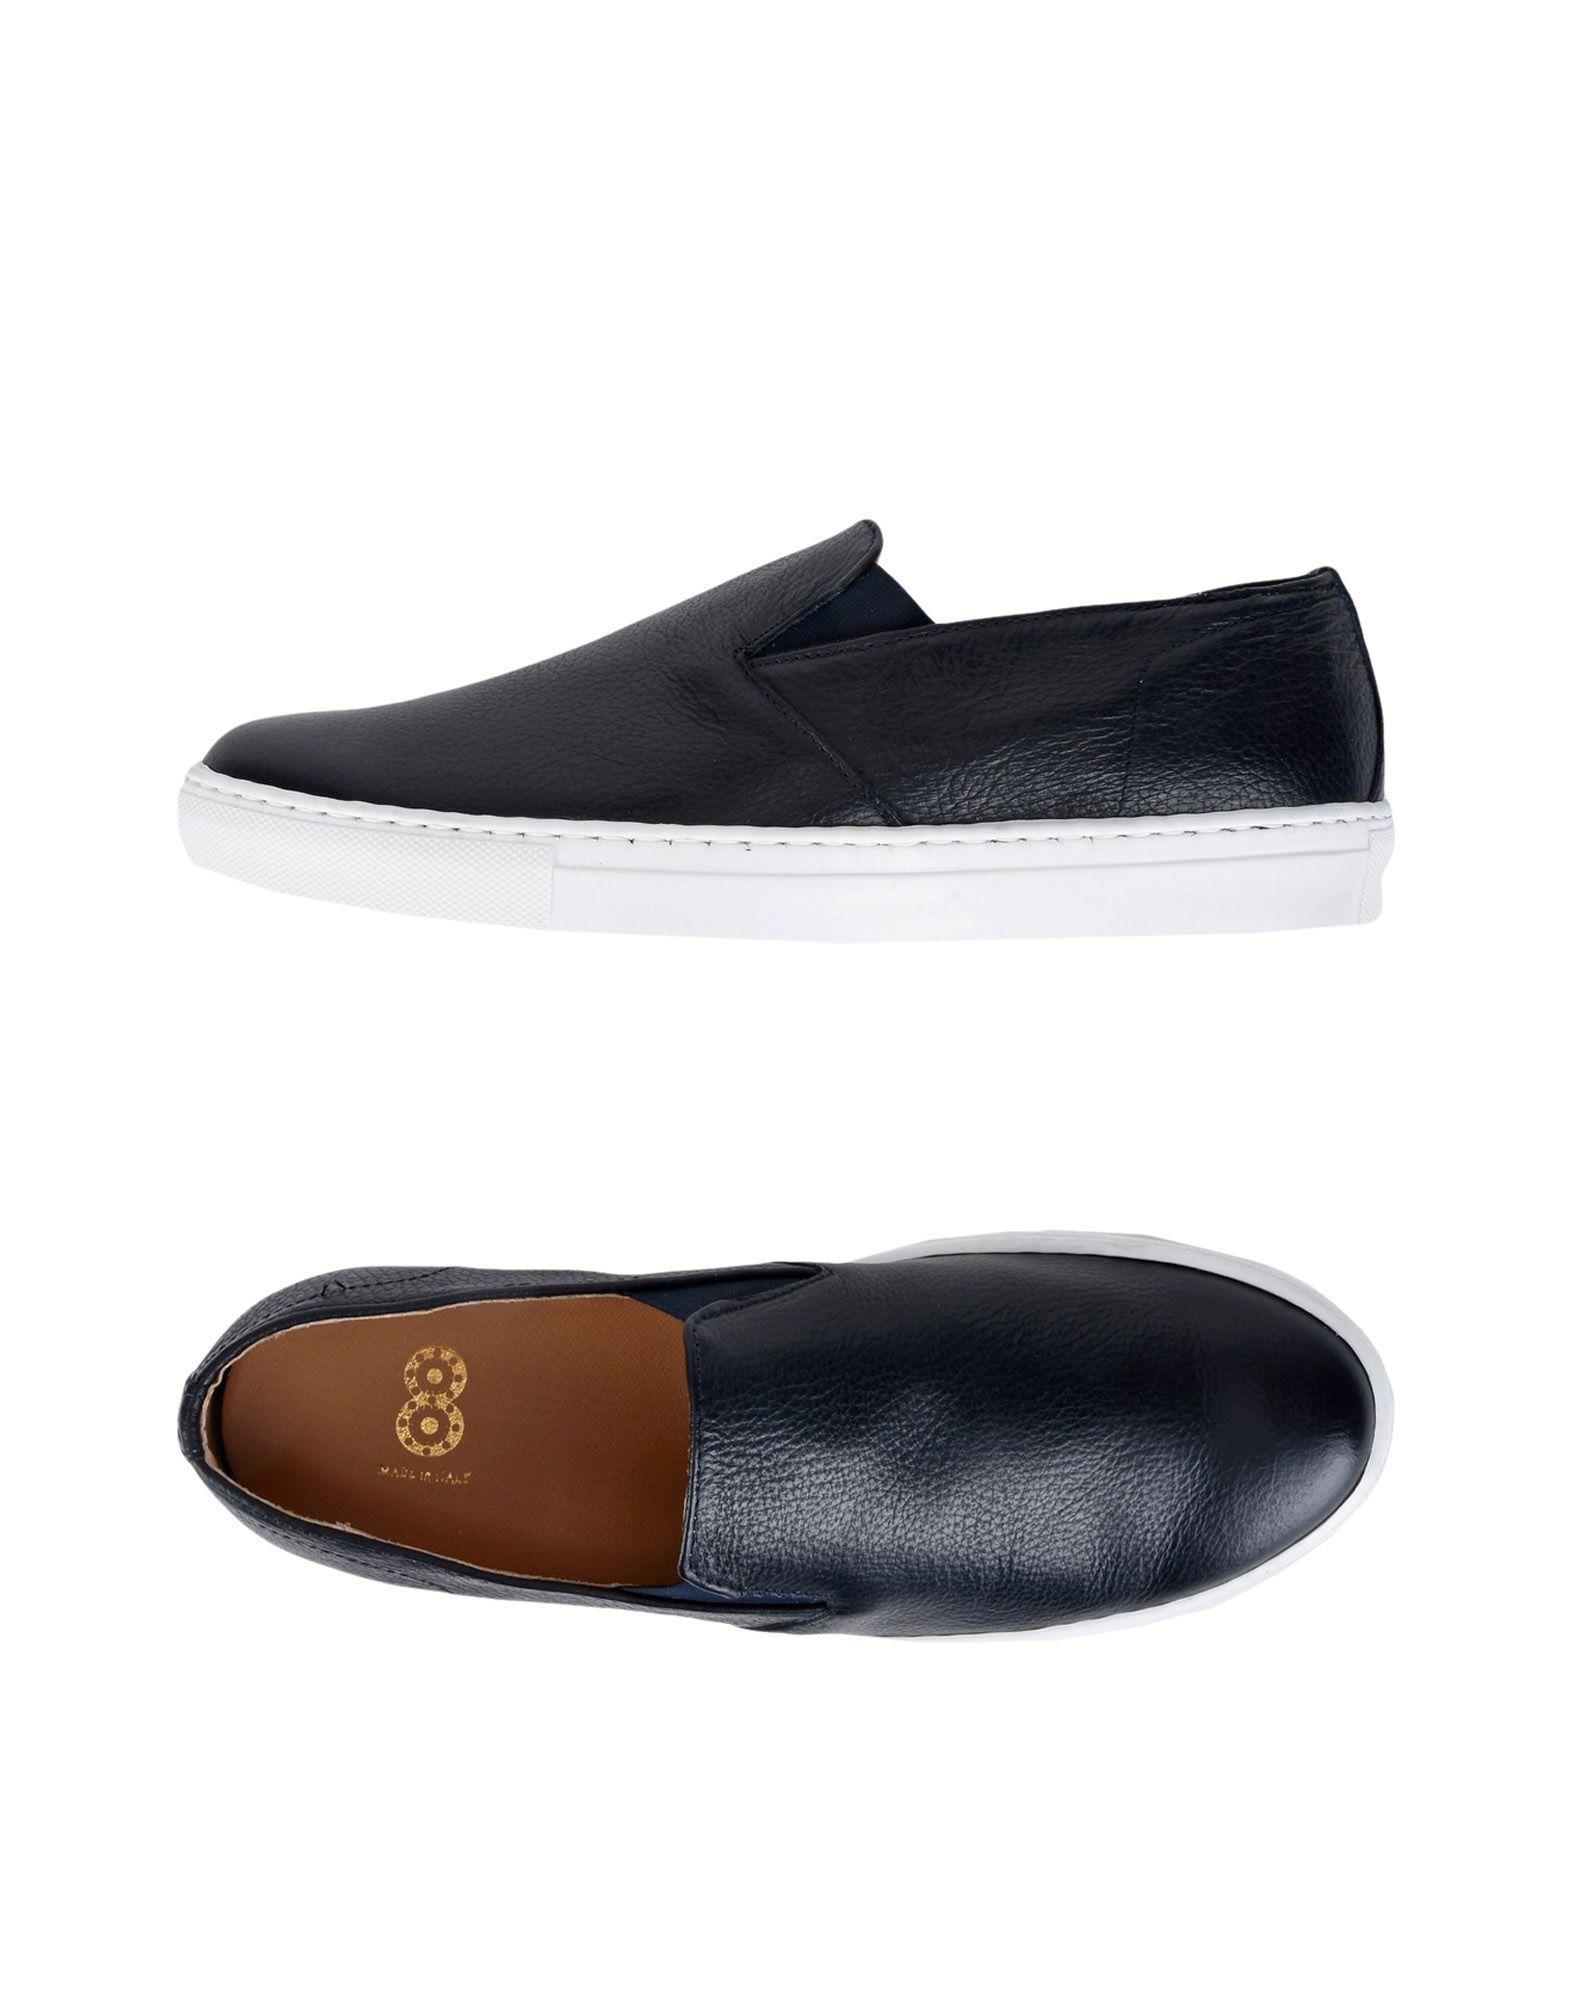 Haltbare Mode billige Schuhe 8 Sneakers Herren  11413746QD Heiße Schuhe